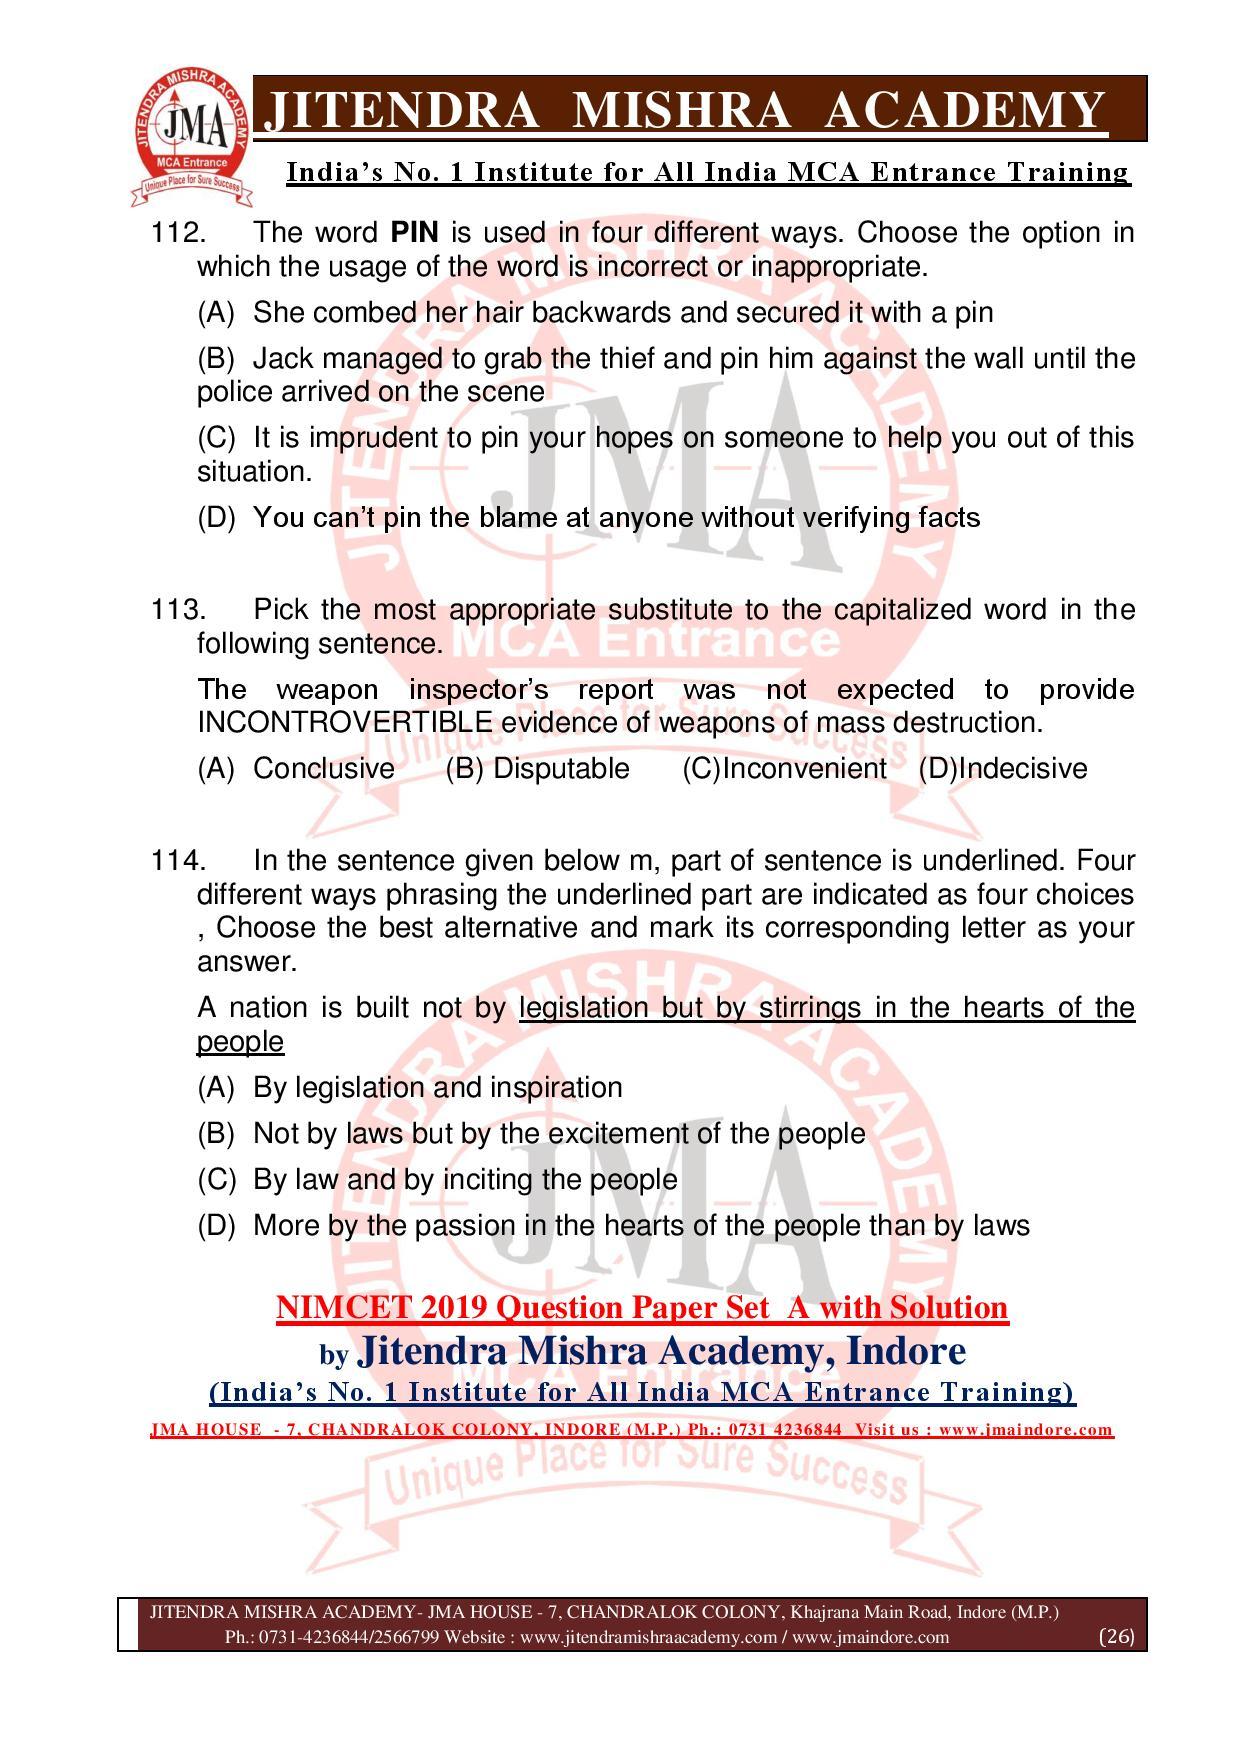 NIMCET 2019 QUESTION PAPER (SET - A) final-page-026